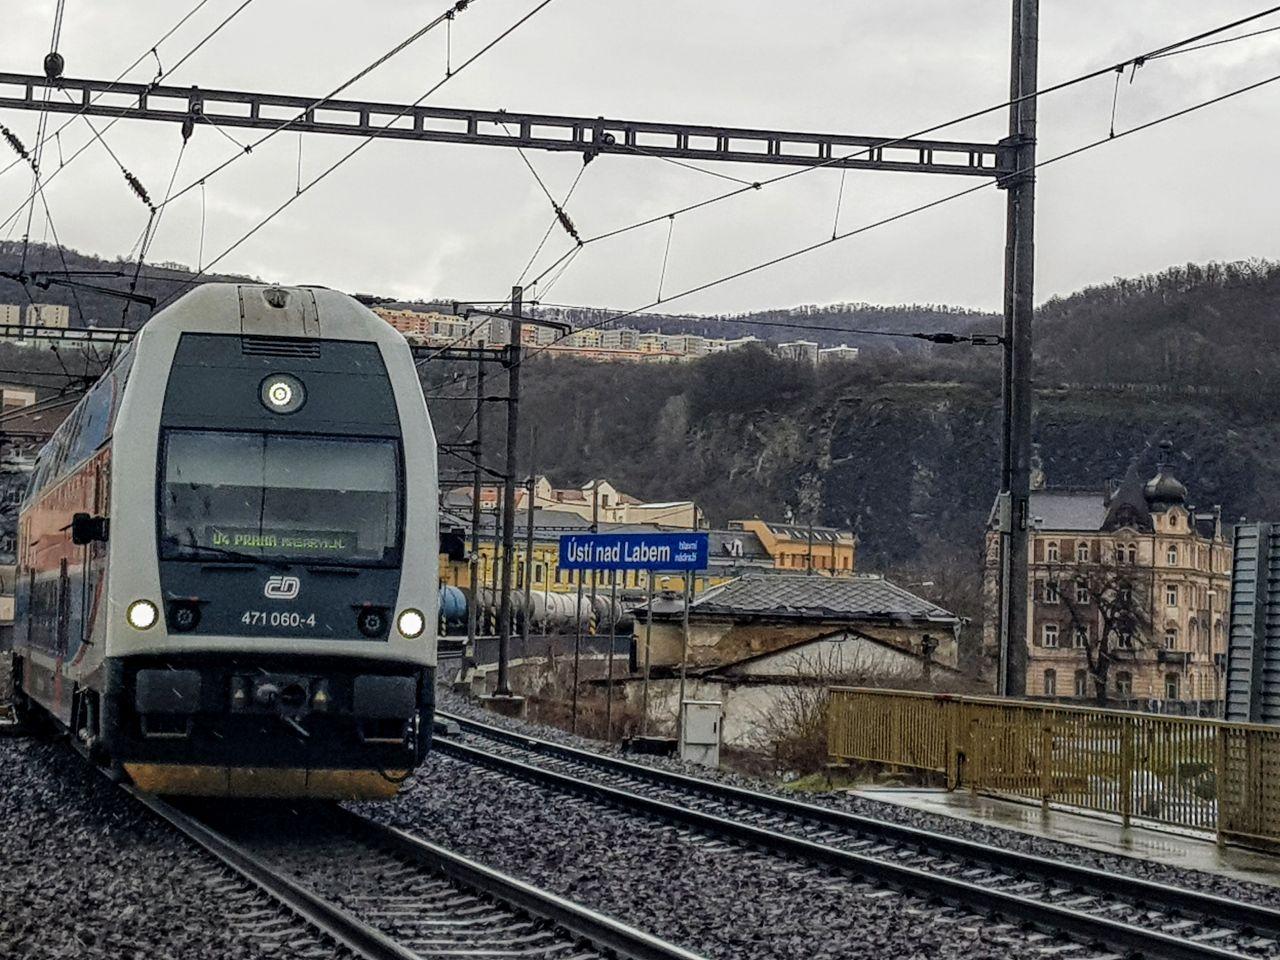 Osobní vlak na trati z Ústí nad Labem do Lovosic. Foto: Jan Sůra / Zdopravy.cz